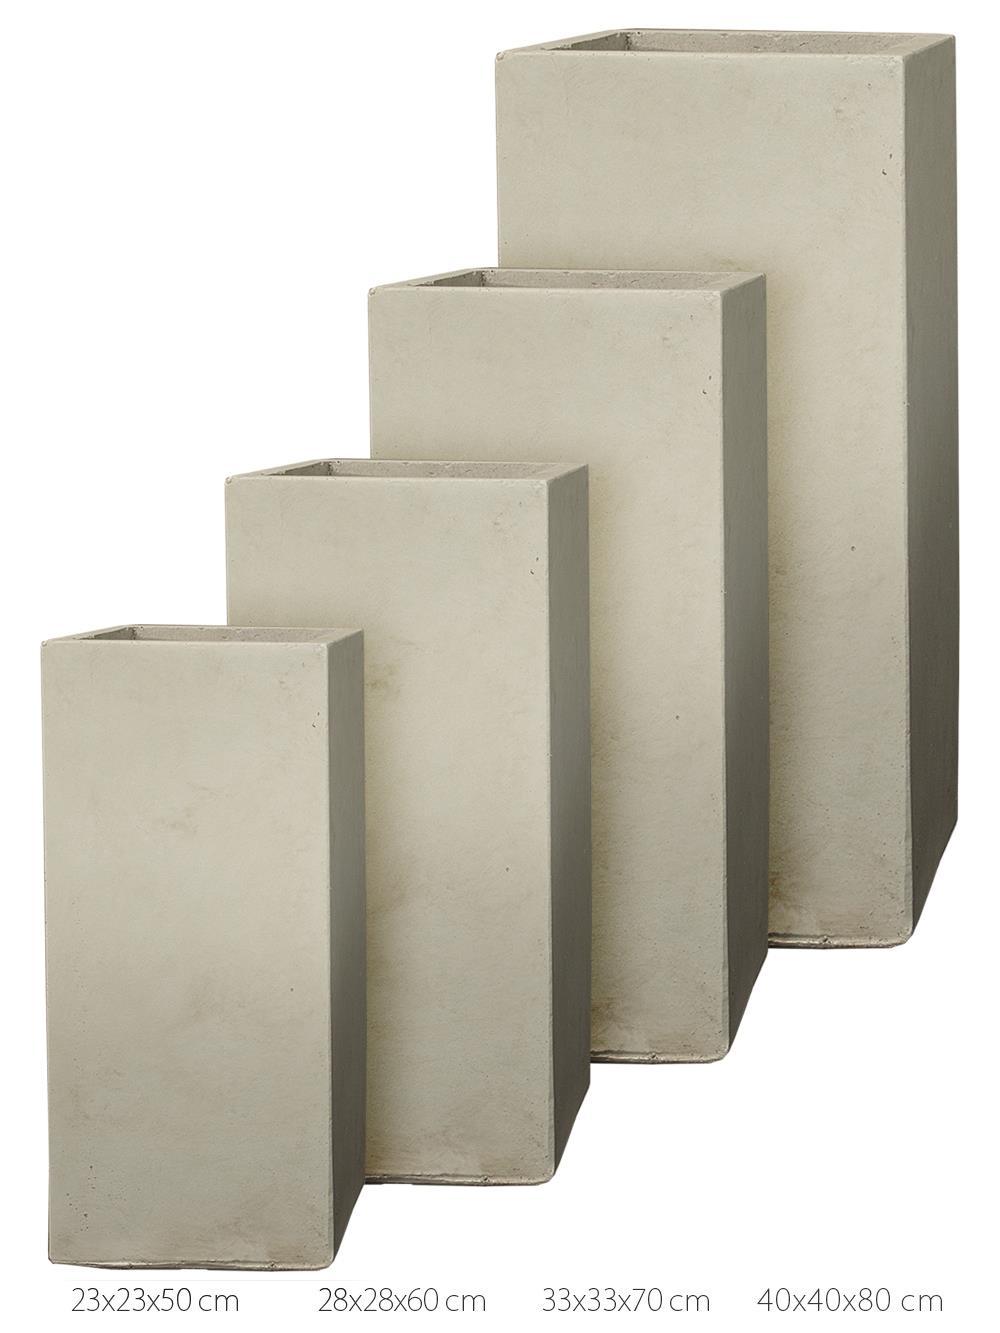 blumenk bel beton obi doorbs. Black Bedroom Furniture Sets. Home Design Ideas